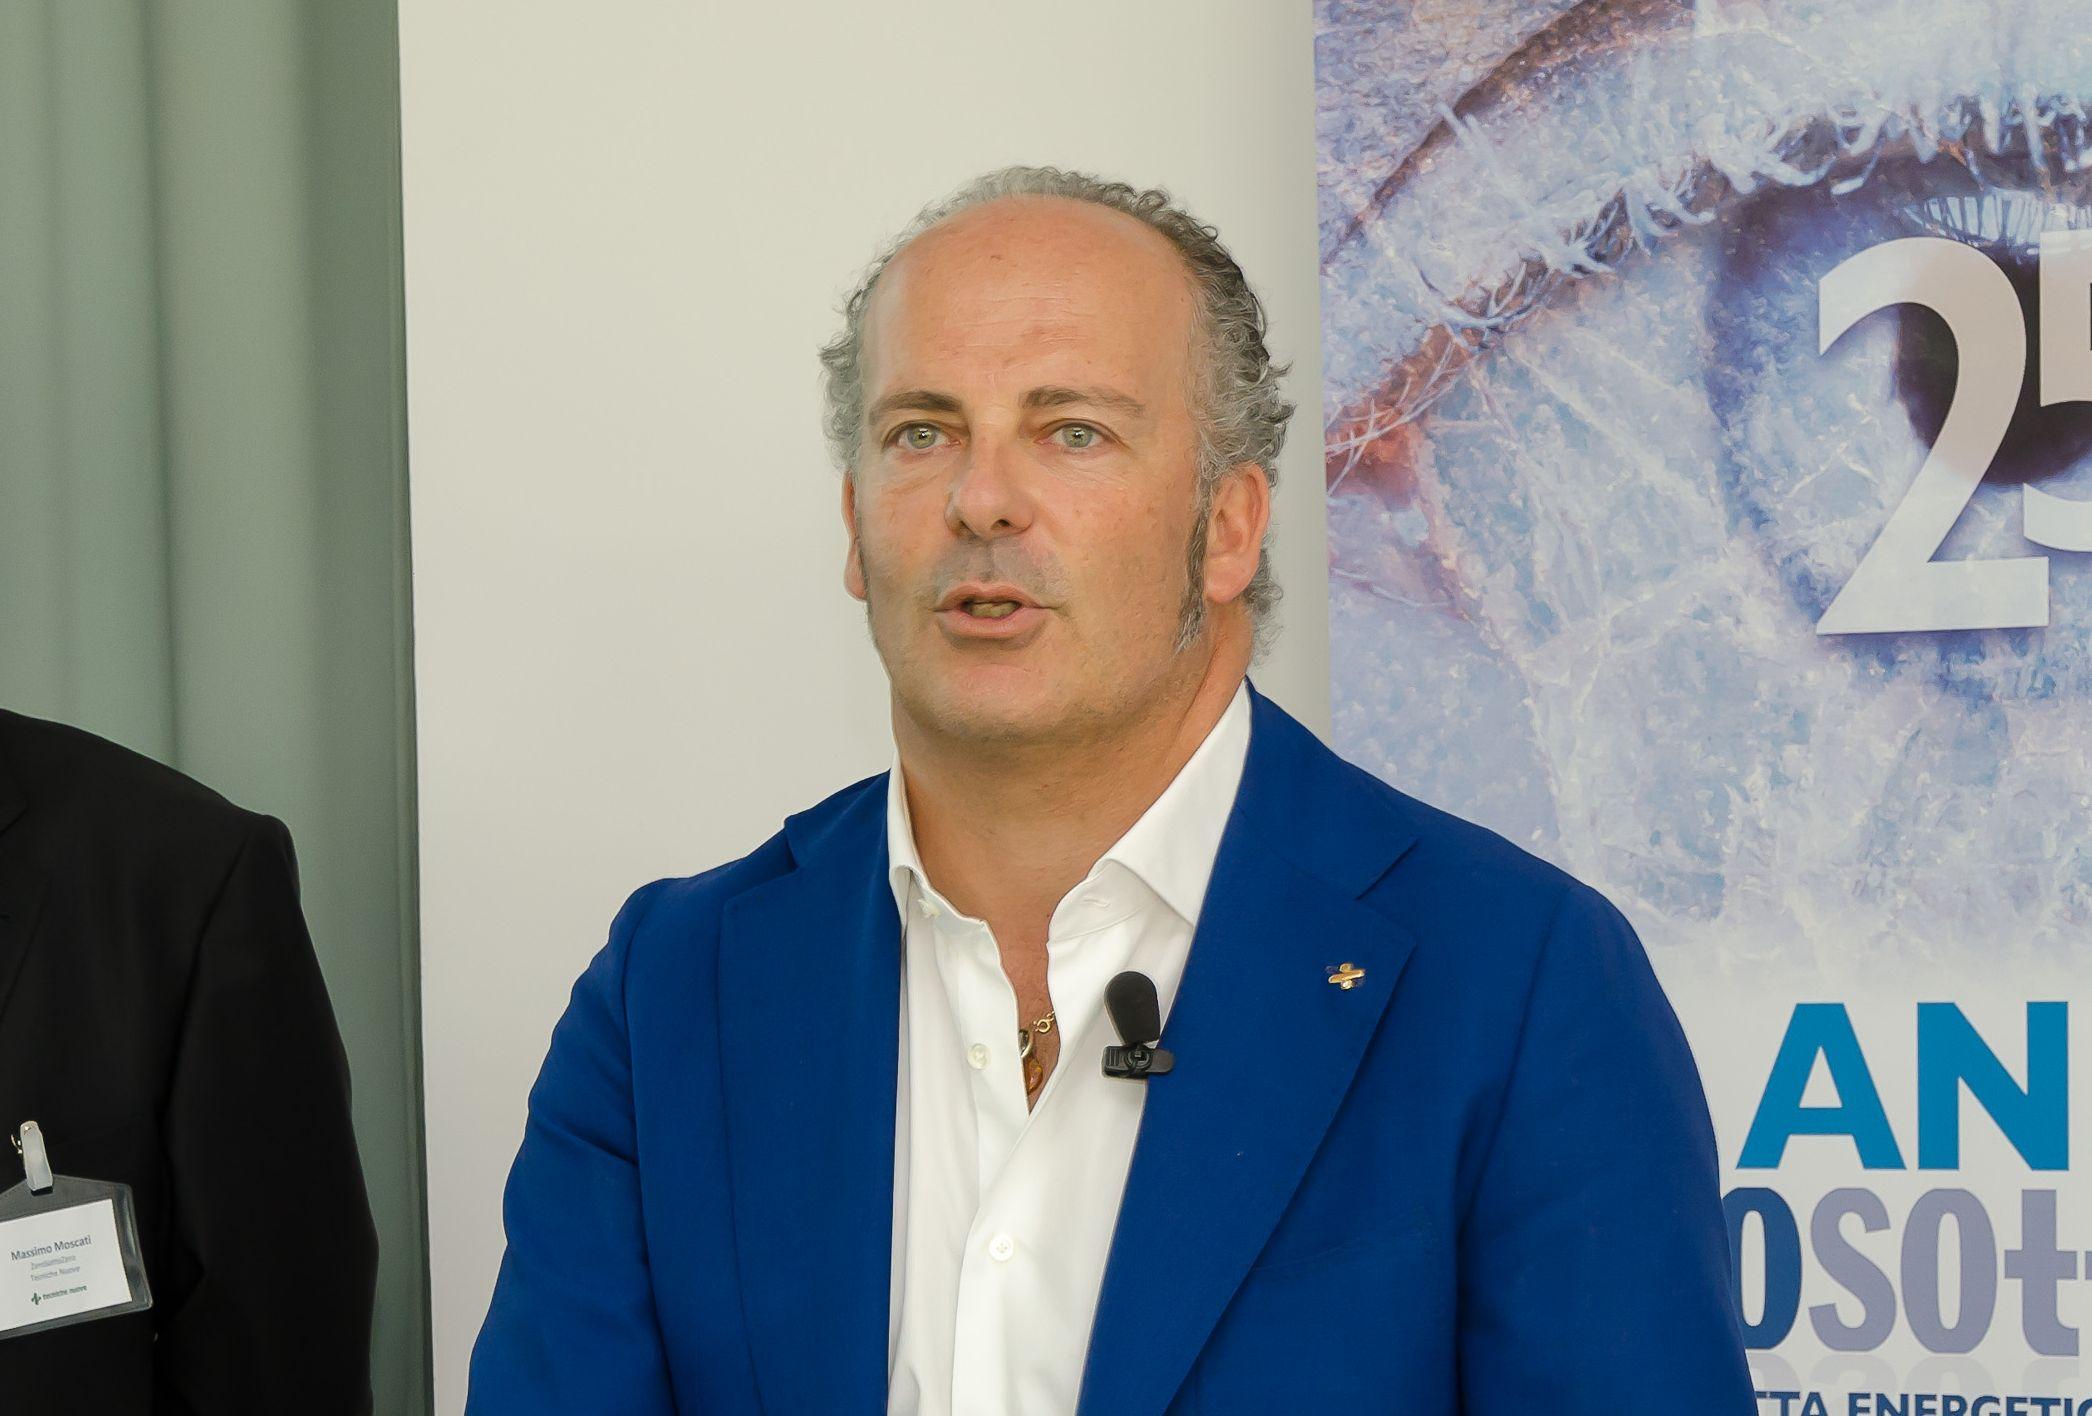 Ivo Nardella, direttore generale e amministratore delegato del Gruppo Tecniche Nuove durante i saluti preliminari